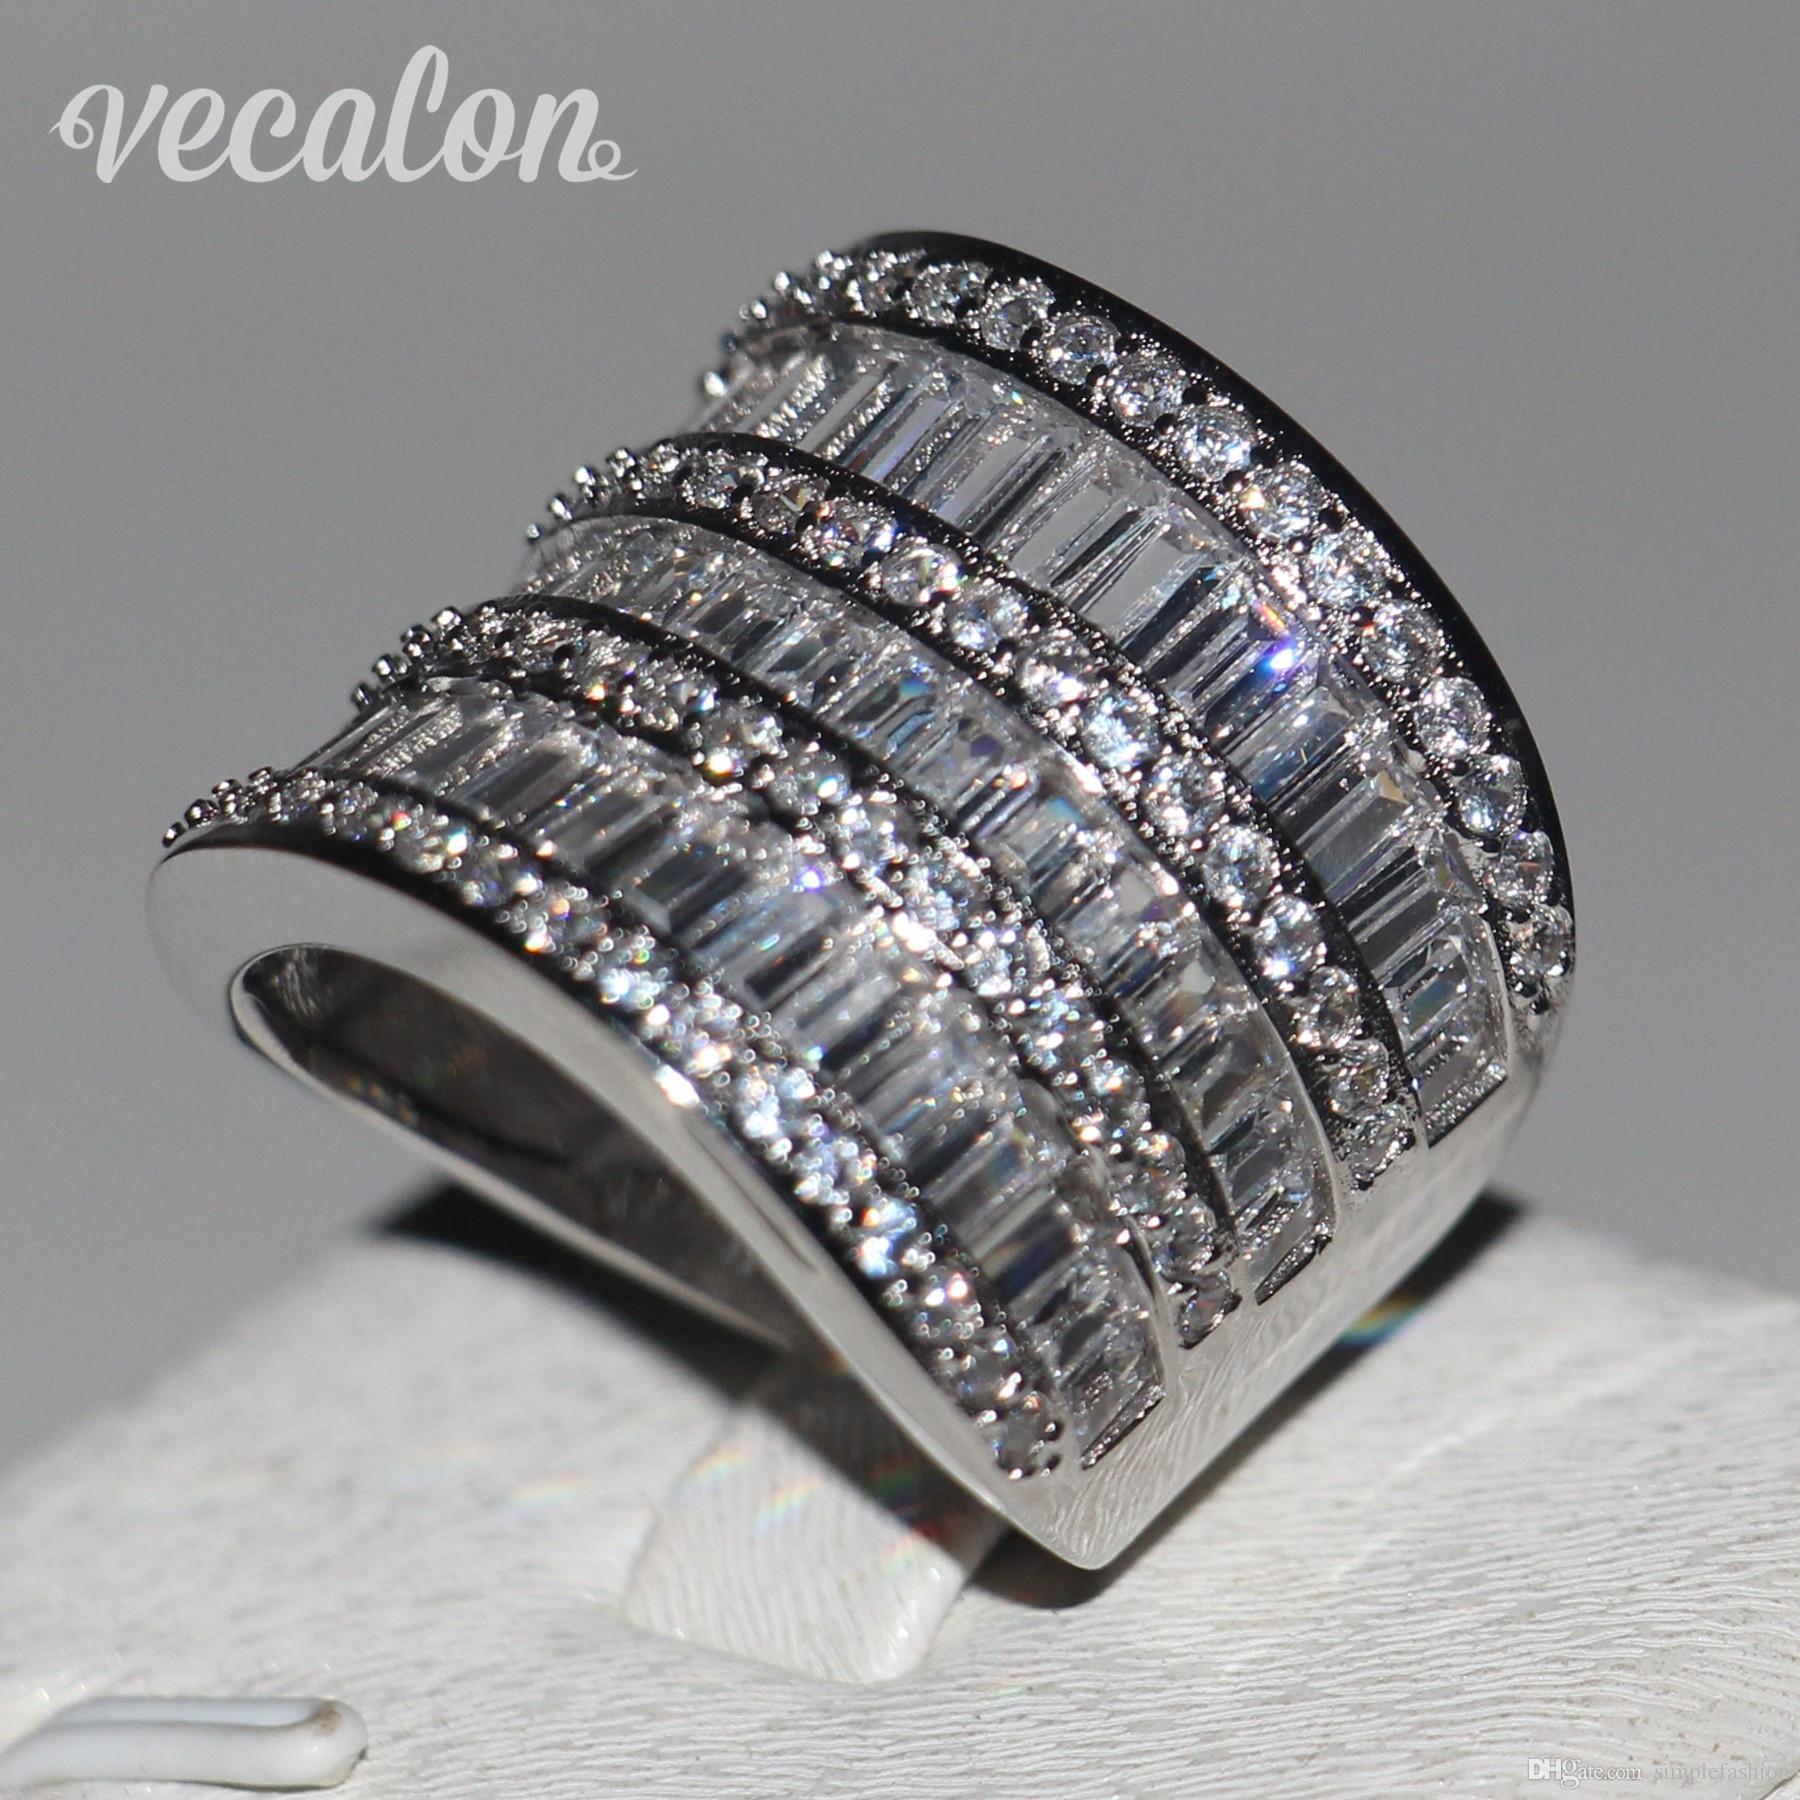 Vecalon Big anel Mulheres Jóias Cheia princesa corte Simulado diamante Cz 925 Sterling Silver anel de Noivado Banda de casamento para as mulheres